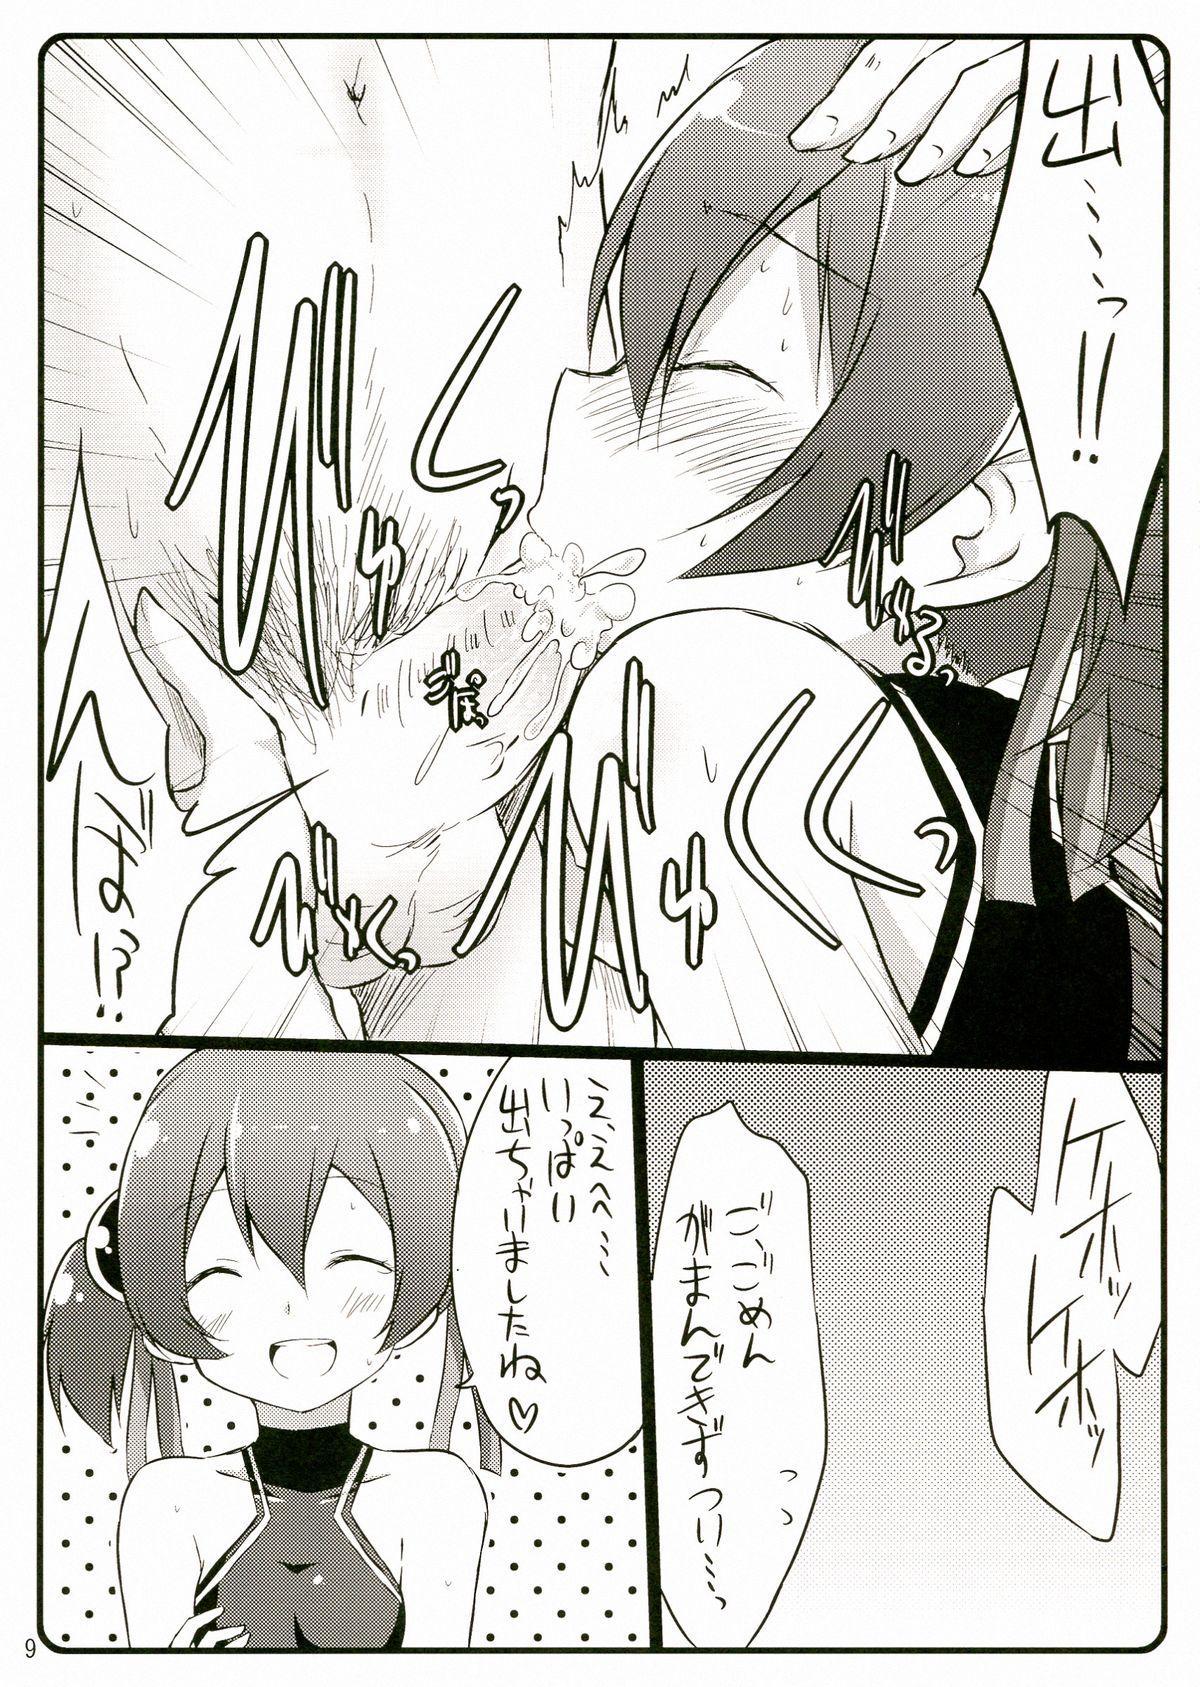 Silica chan kawaii β2 8